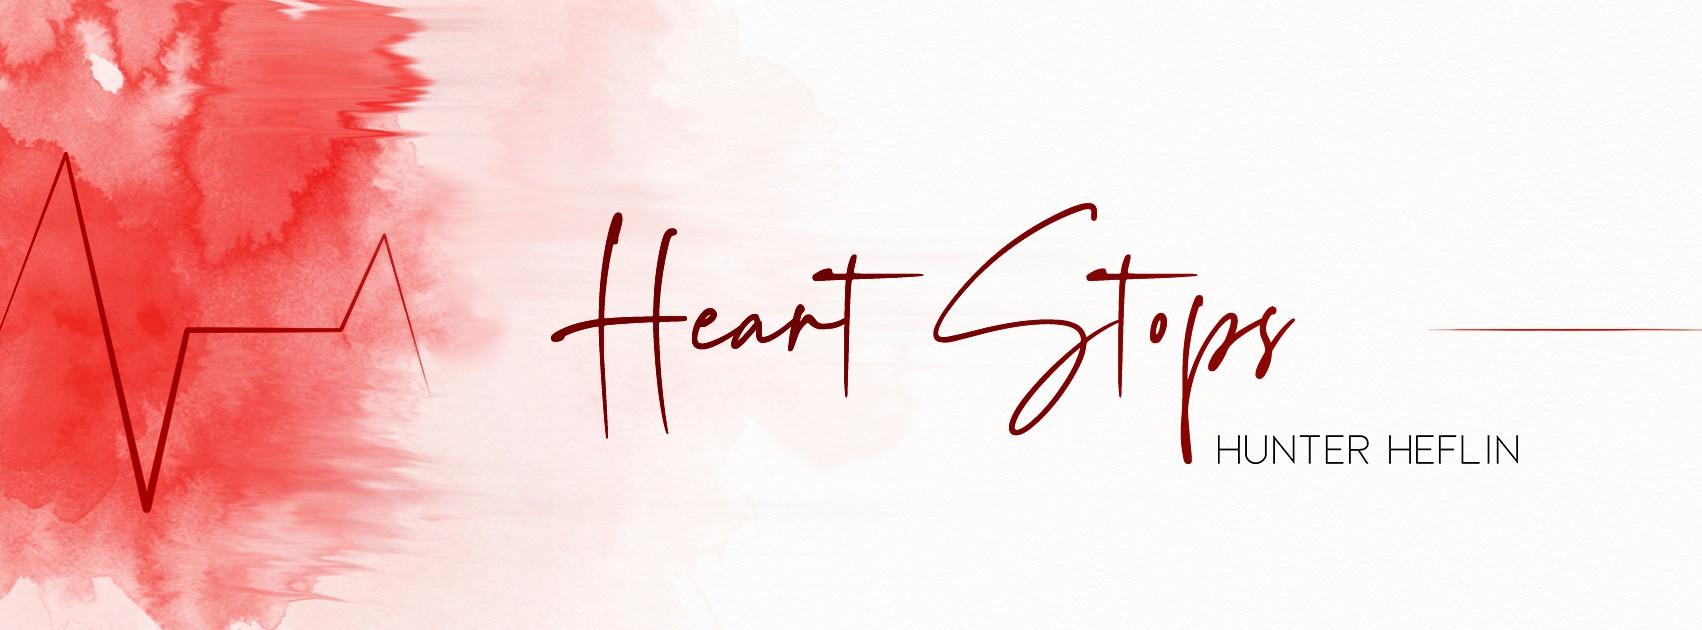 Heart Stops Album Artwork